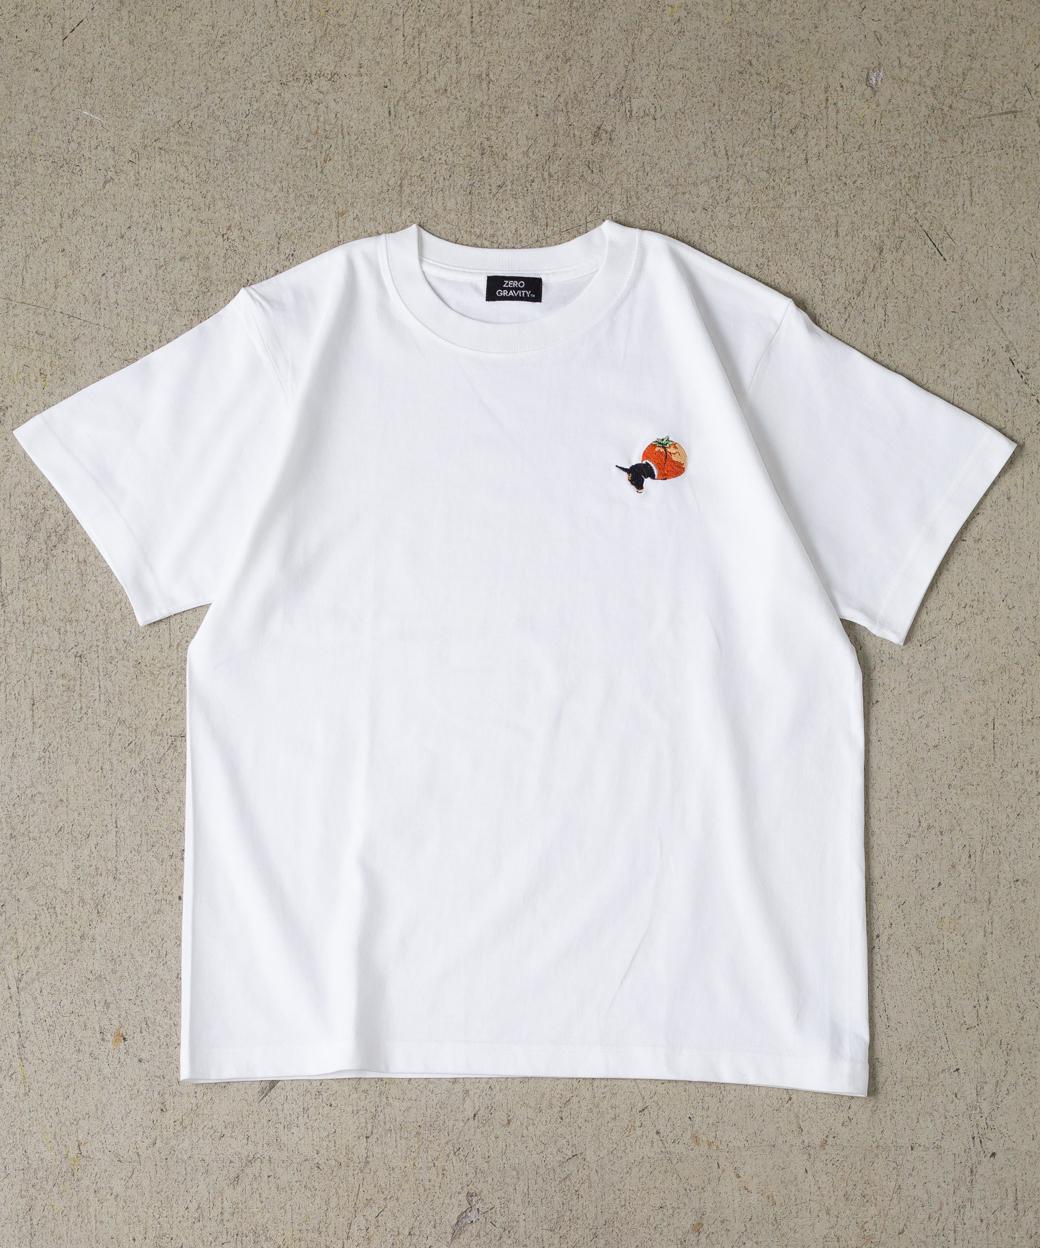 「みかん頭」 刺繍T-SHIRT WAVE